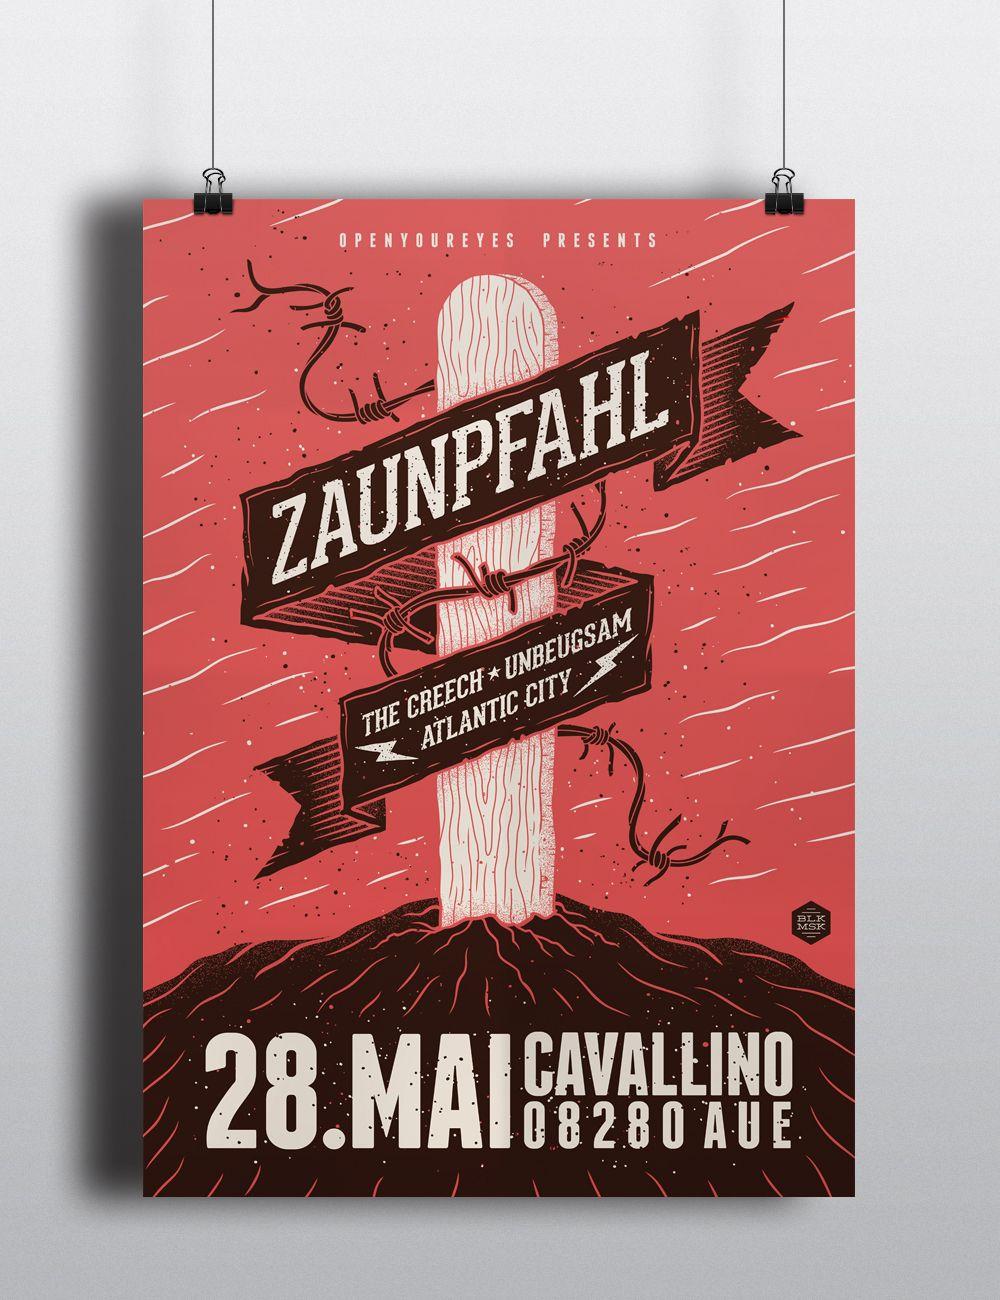 Zaunpfahl Concert Poster On Behance Empanada Pinterest Poster